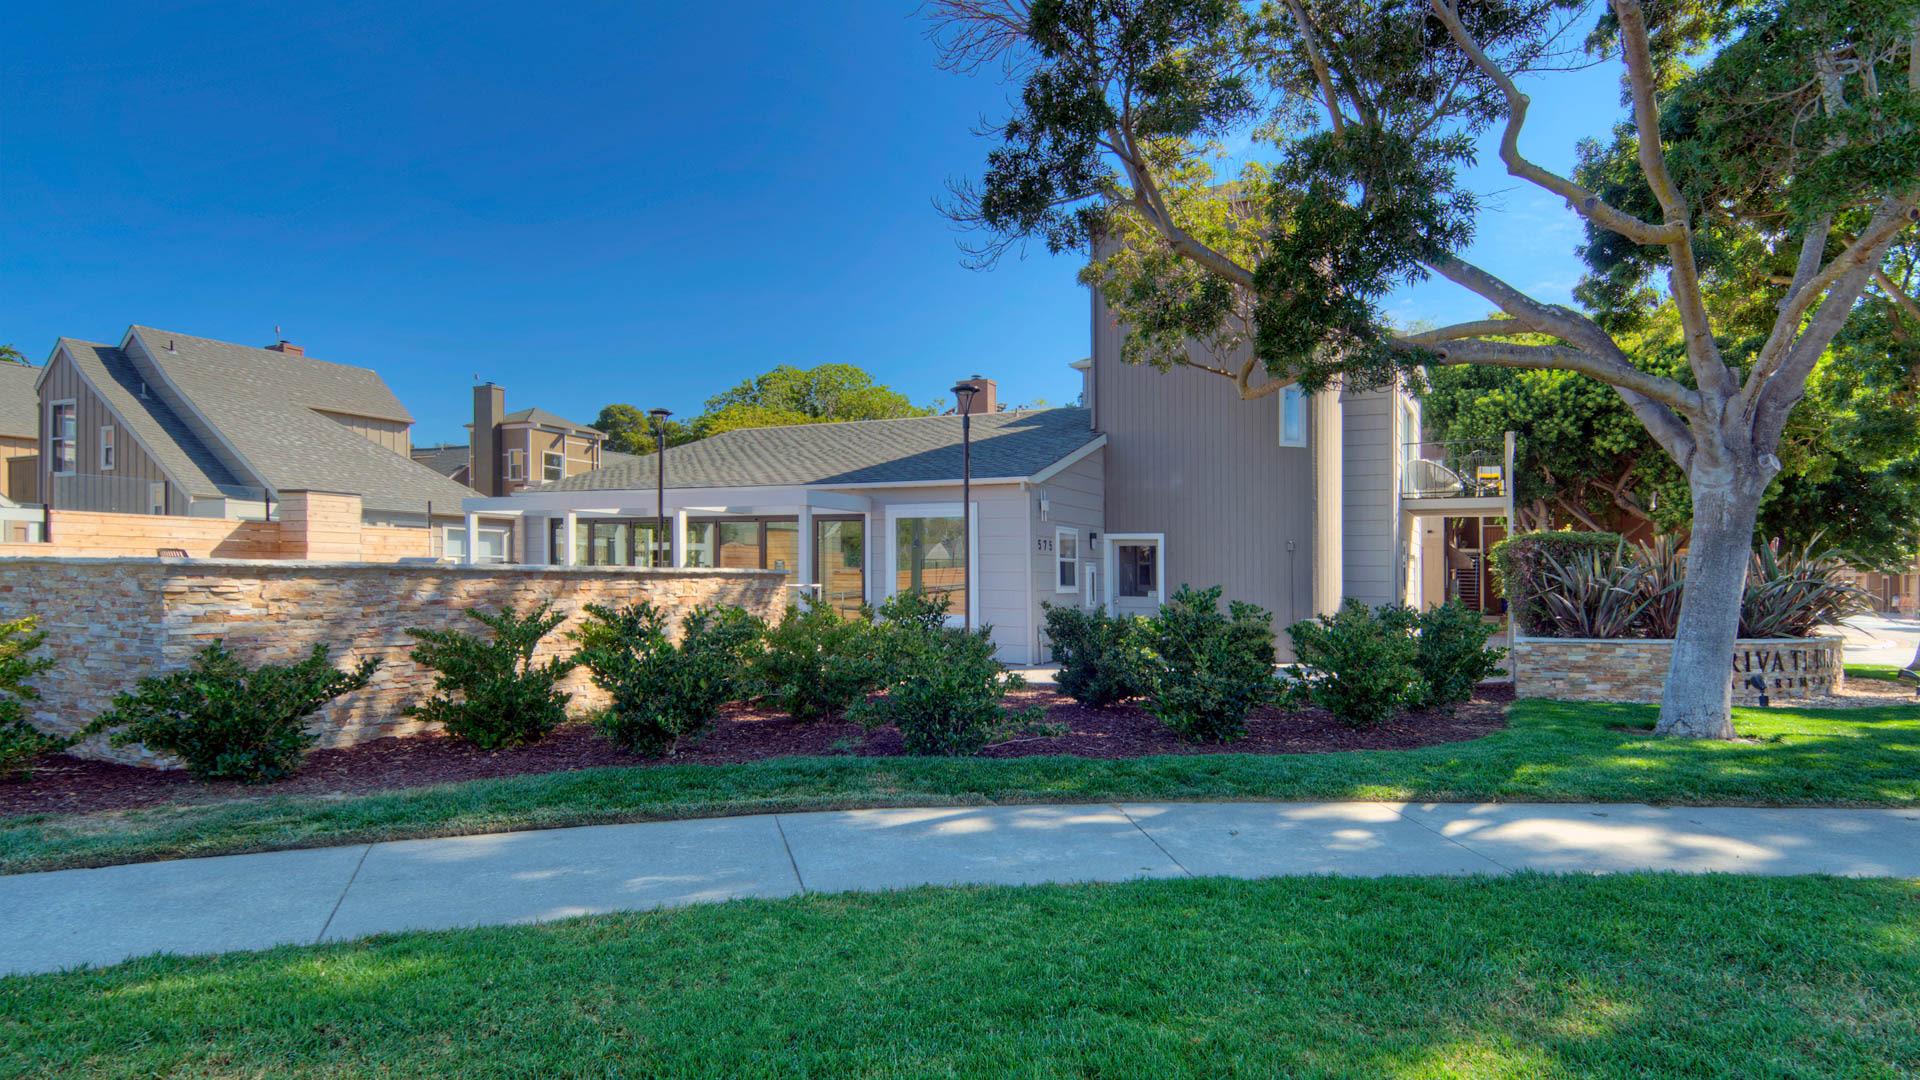 Riva Terra Apartments at Redwood Shores - Exterior